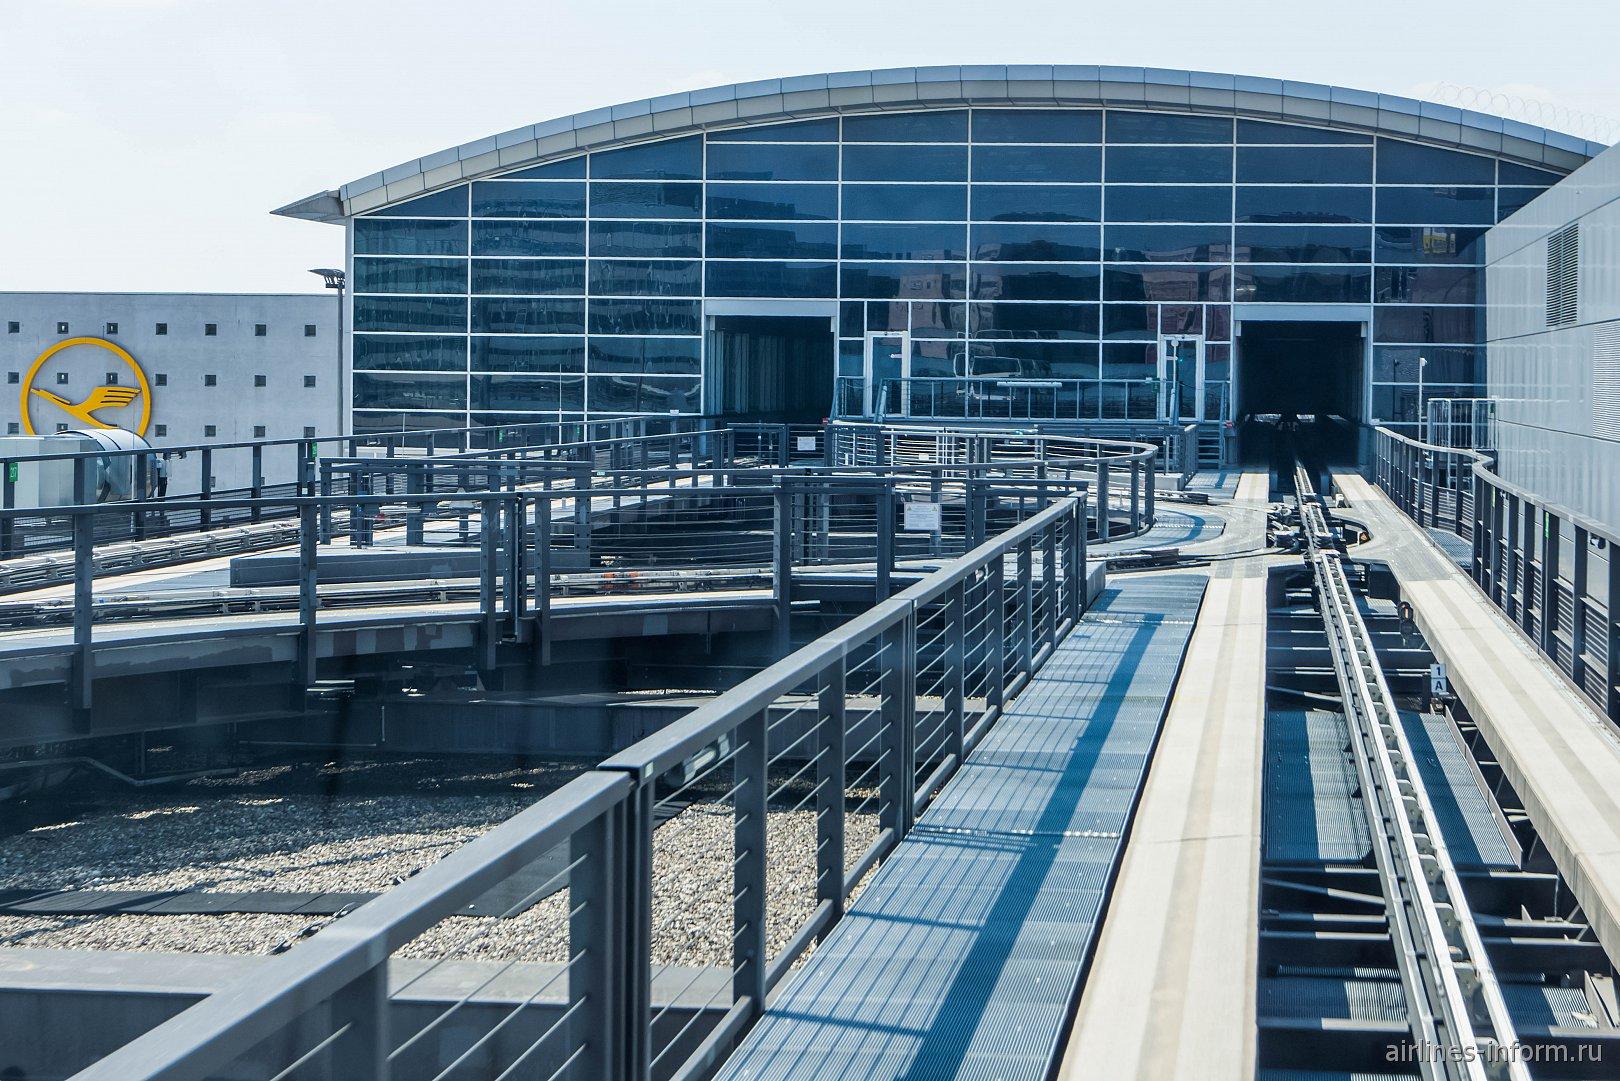 Станция поезда Skyline в секторе А аэропорта Франкфурт-на-Майне